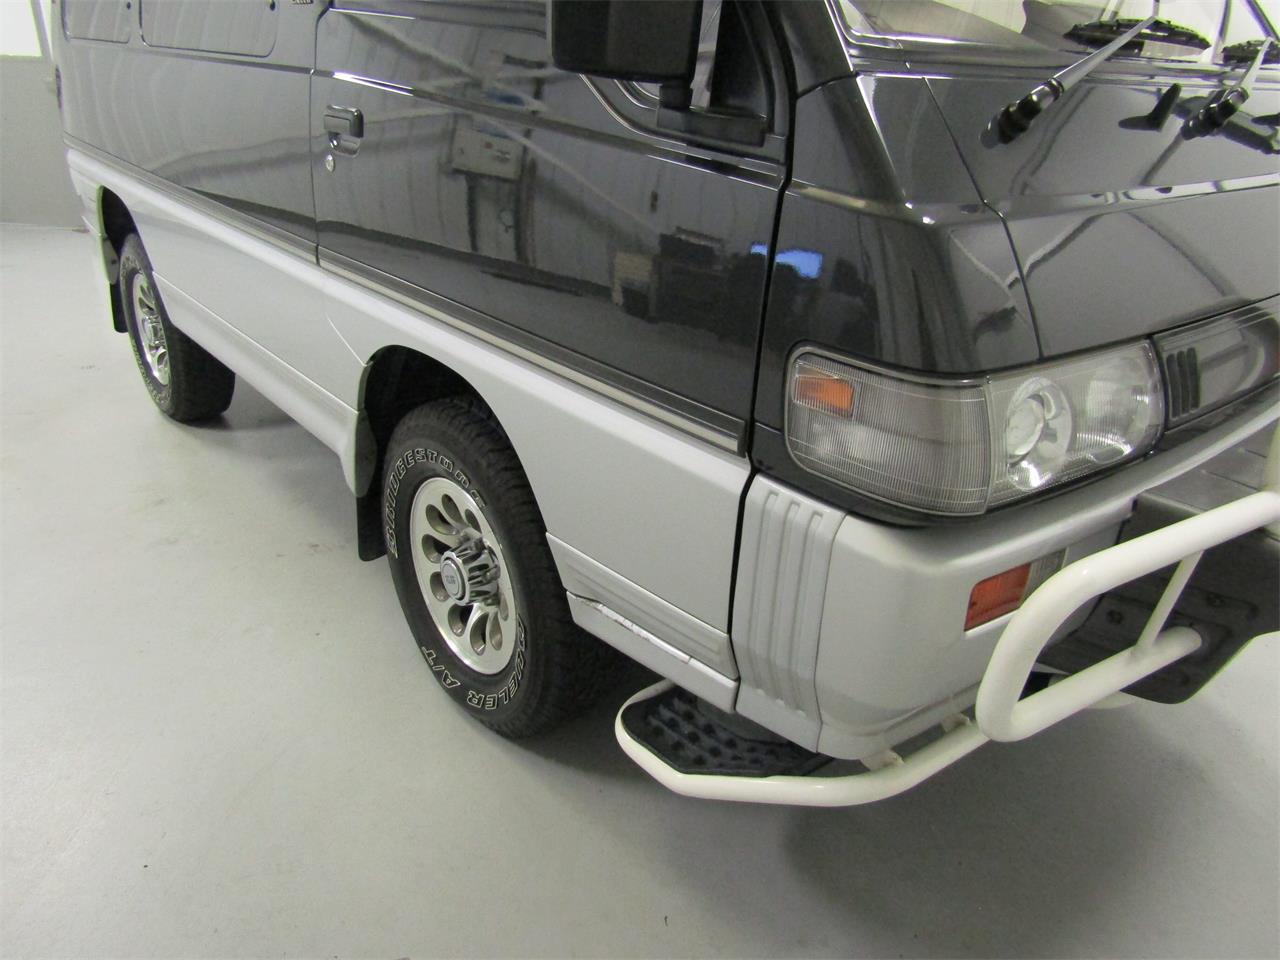 1992 Mitsubishi Delica (CC-1154380) for sale in Christiansburg, Virginia